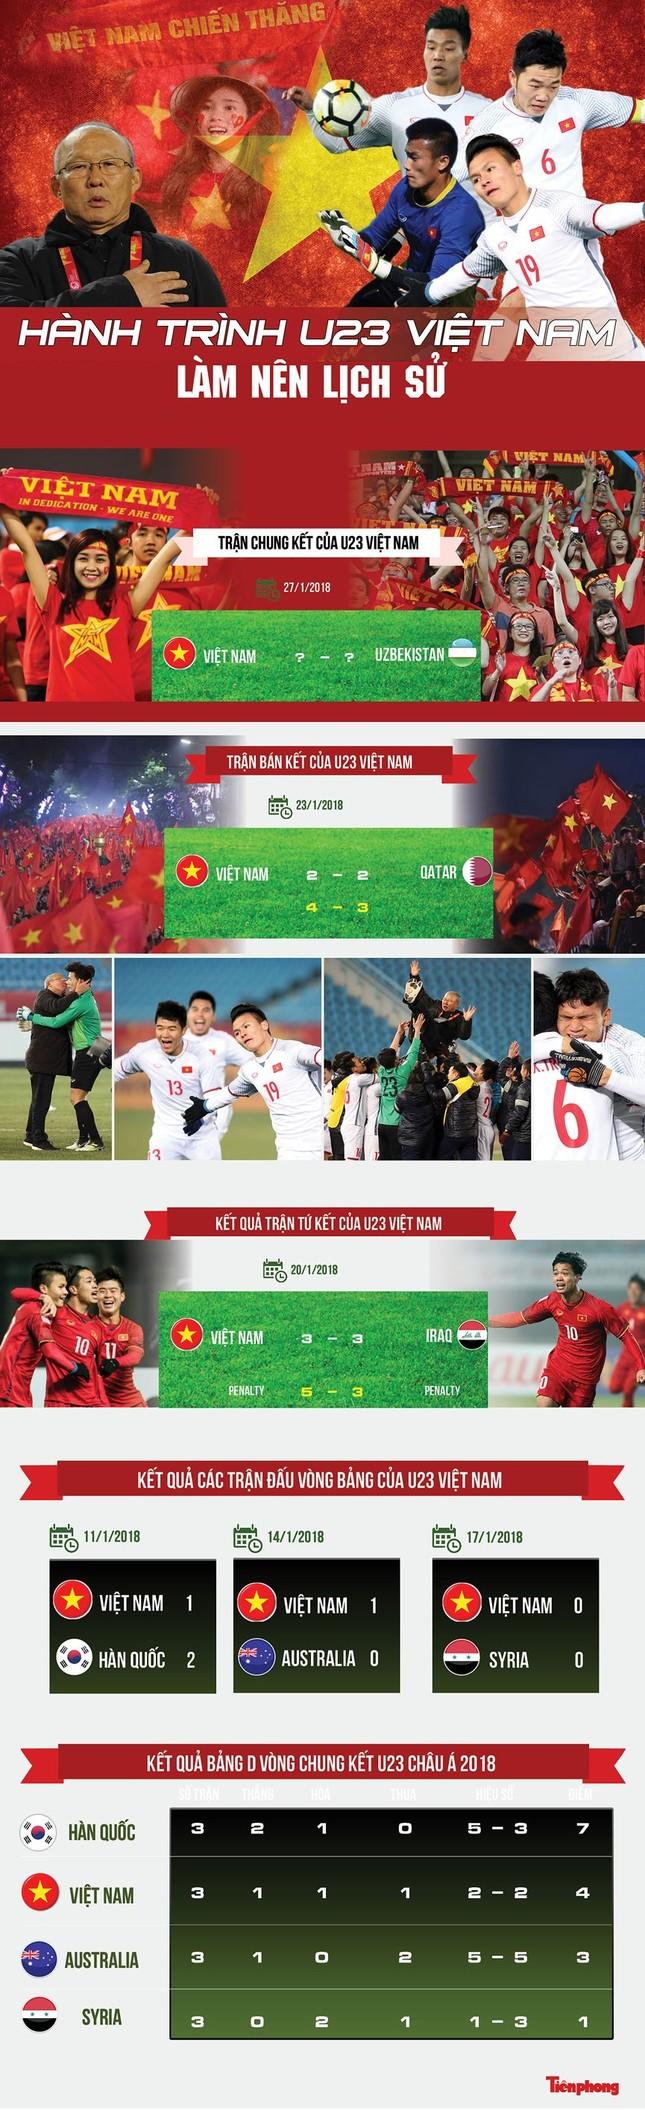 BẢN TIN ĐẶC BIỆT: Hát Quốc ca cùng đội tuyển U23 Việt Nam ảnh 2